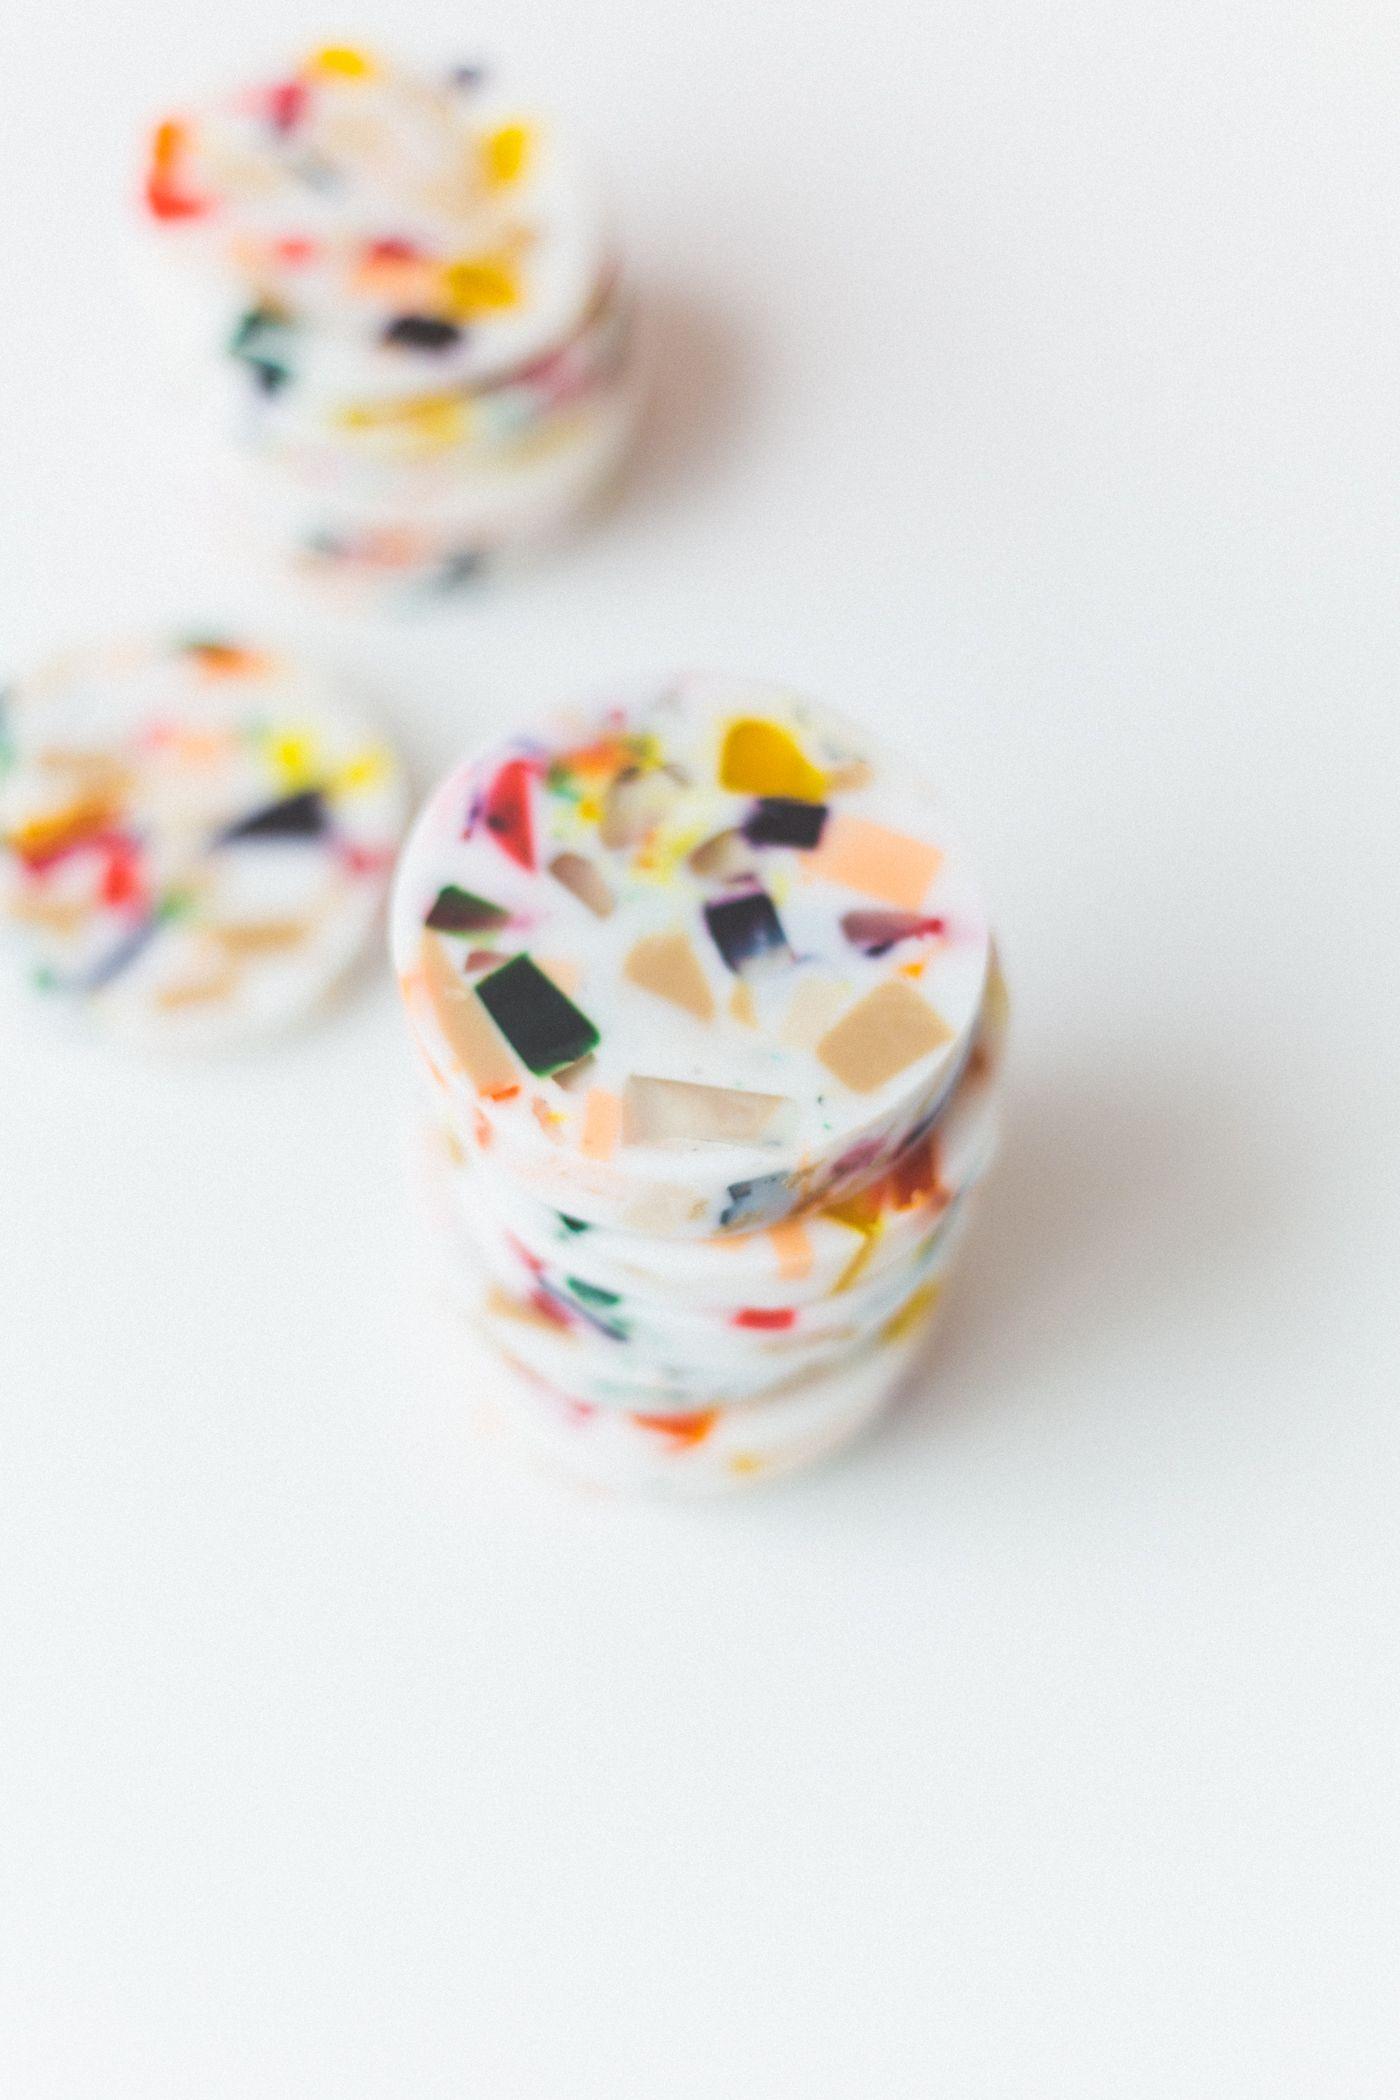 Новая одержимость |  Мыло с ломтиками в стиле терраццо своими руками |  Падение для DIY